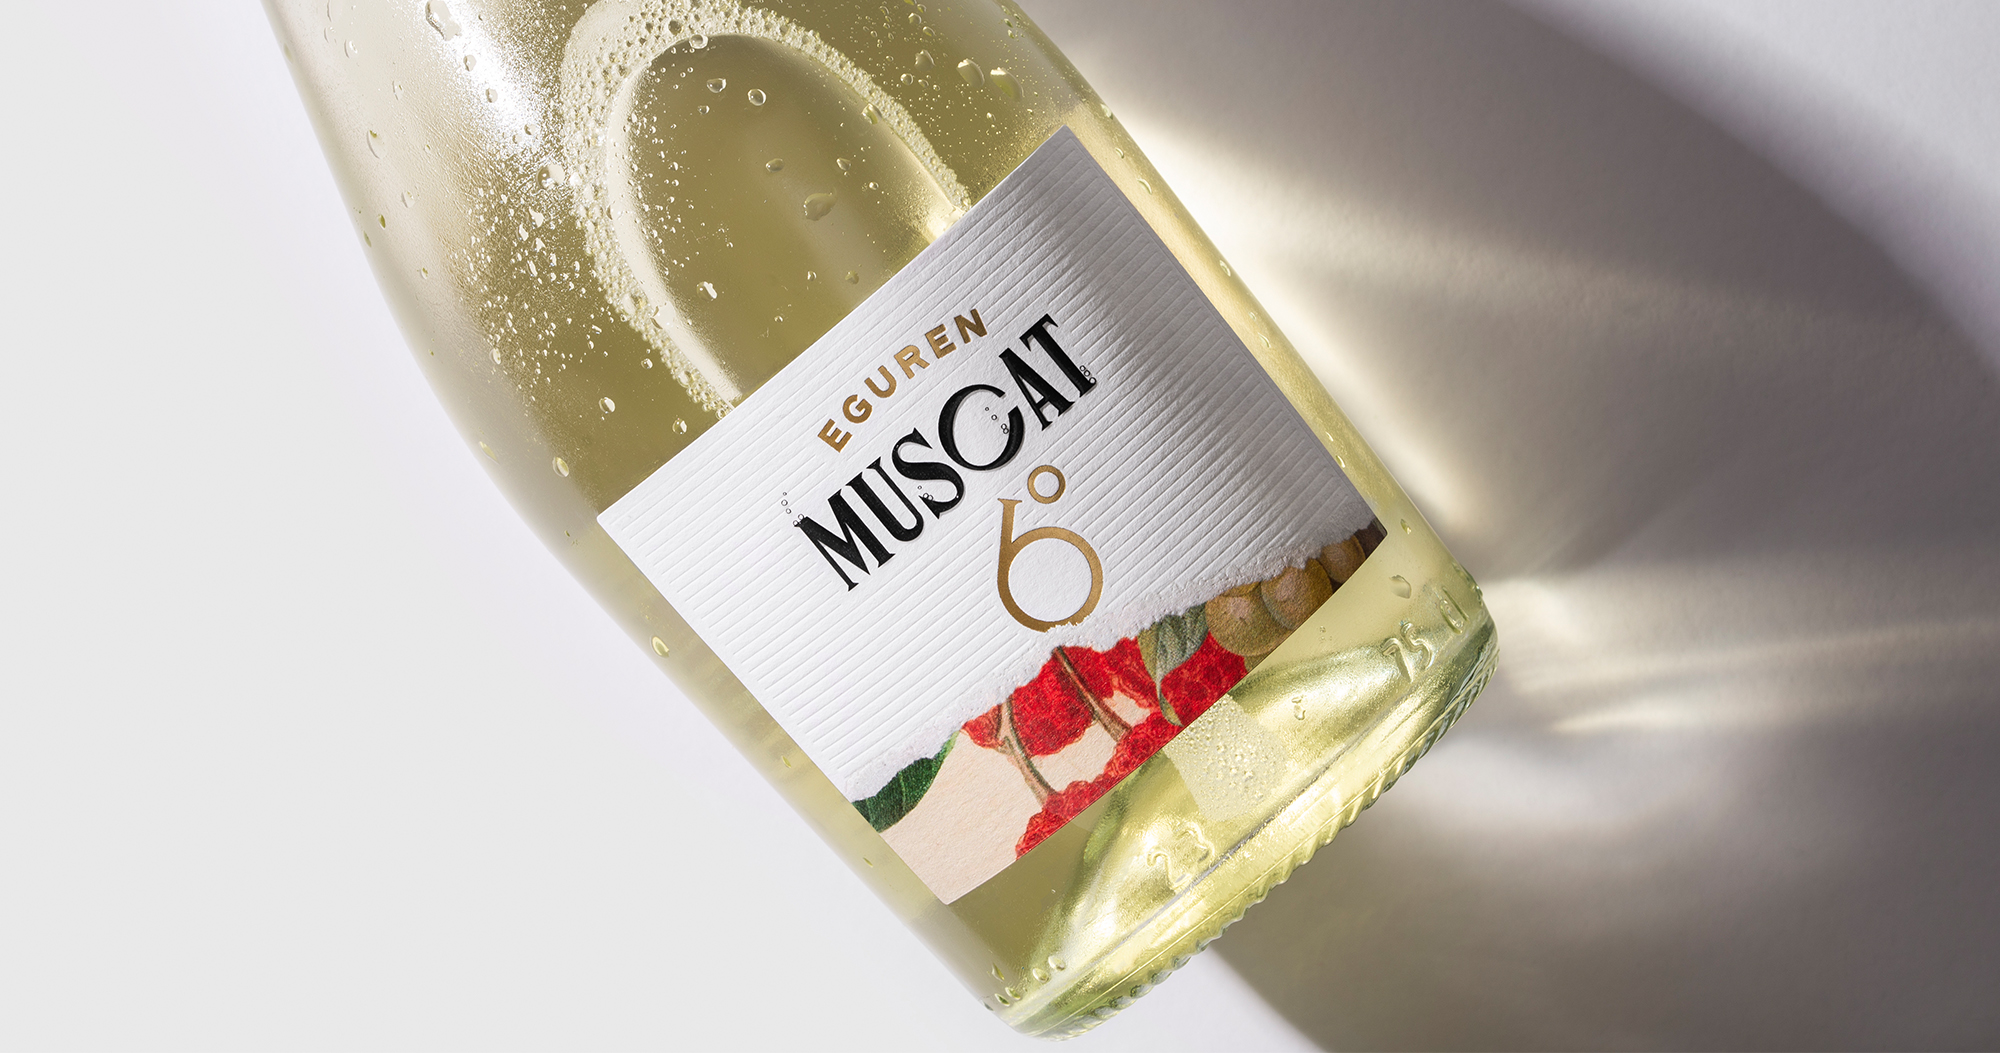 Hula Estudio Created Wine Label Design for Muscat 6º